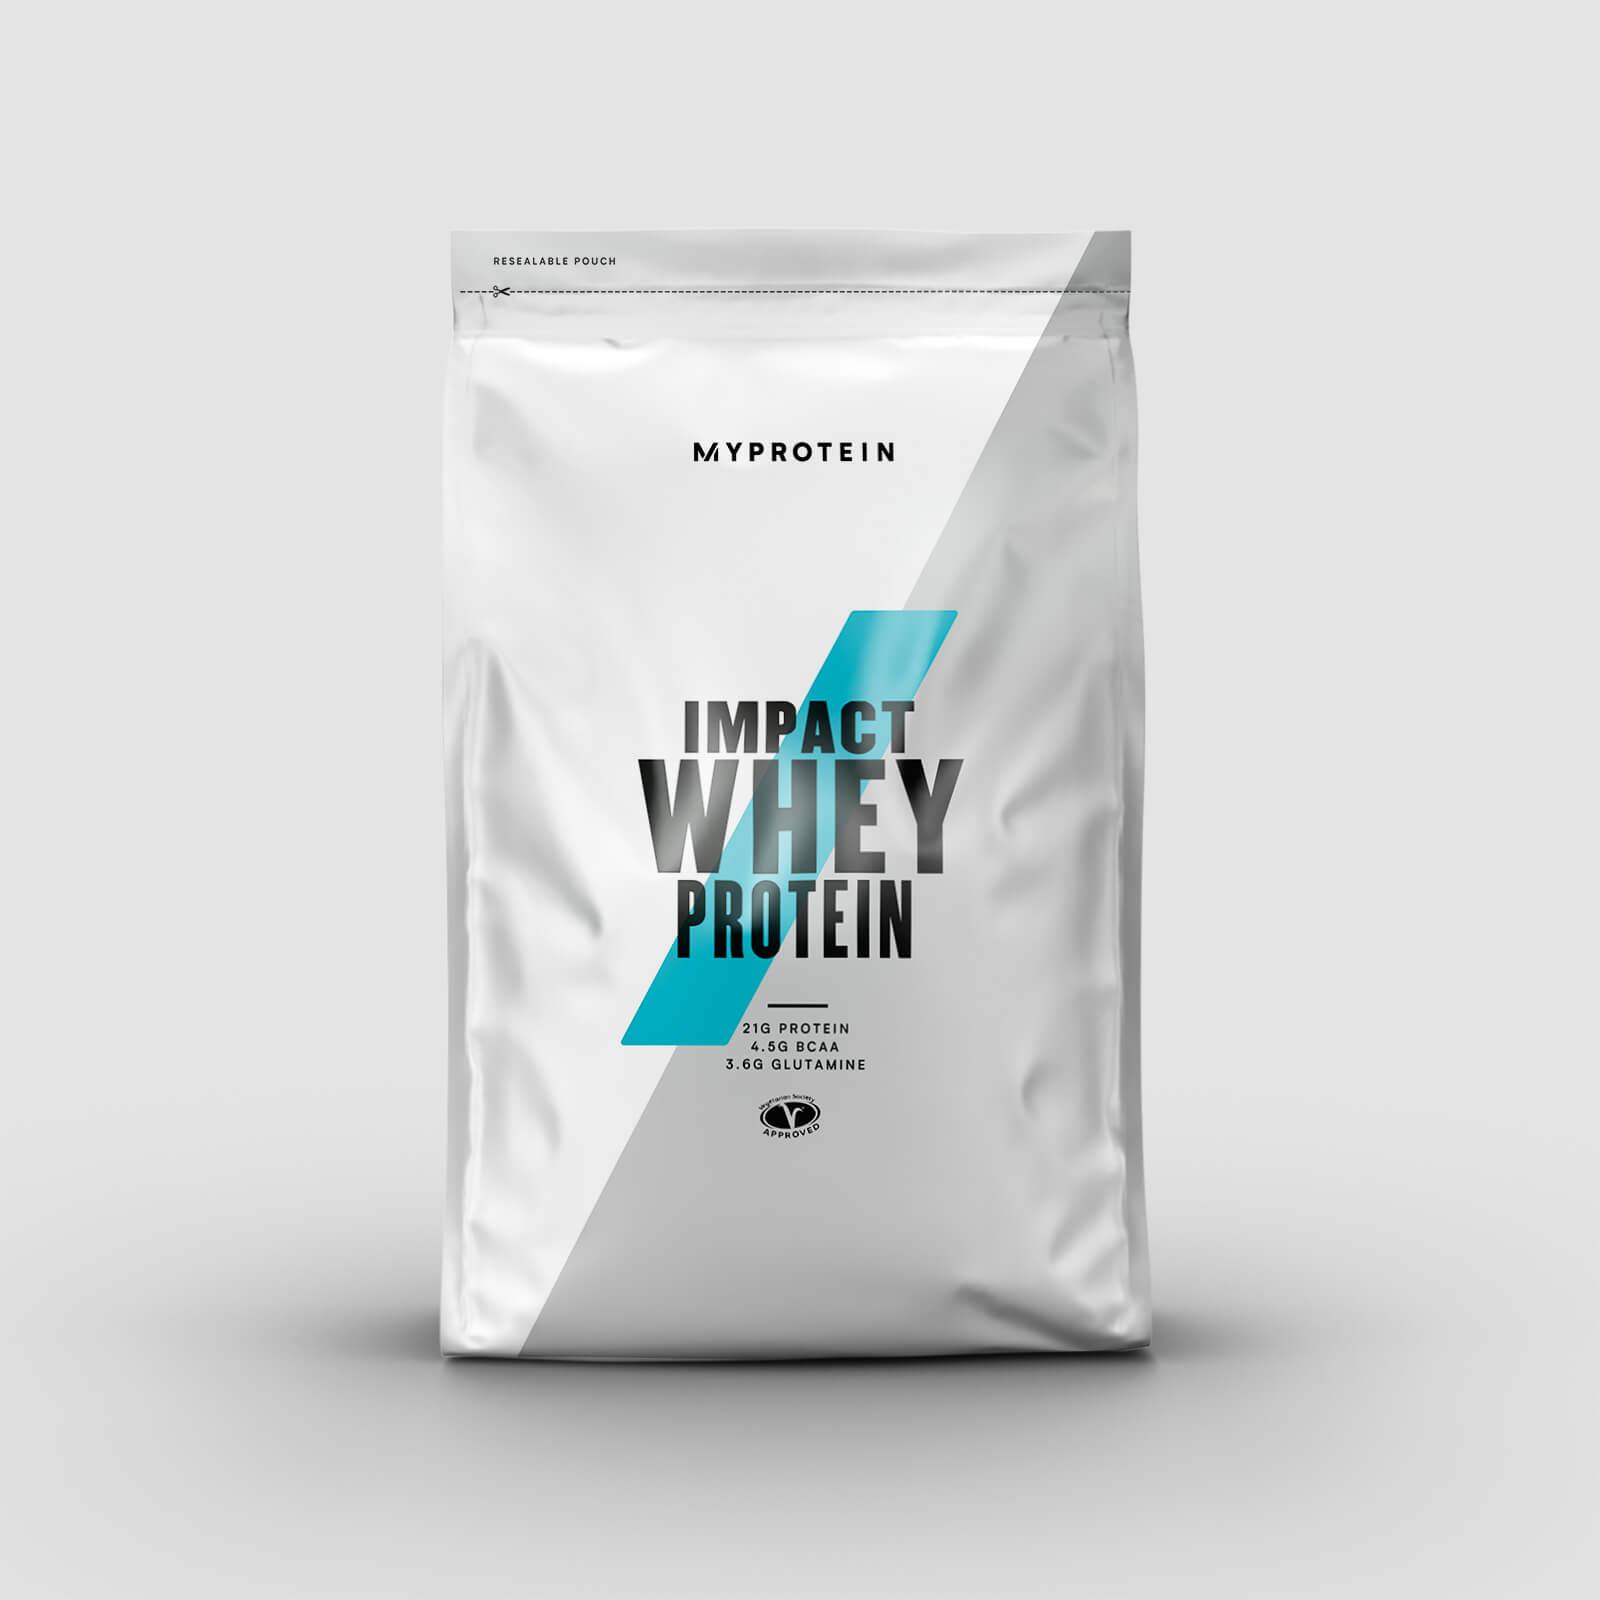 Myprotein Impact Whey Protein - 5kg - Chocolat Brownie